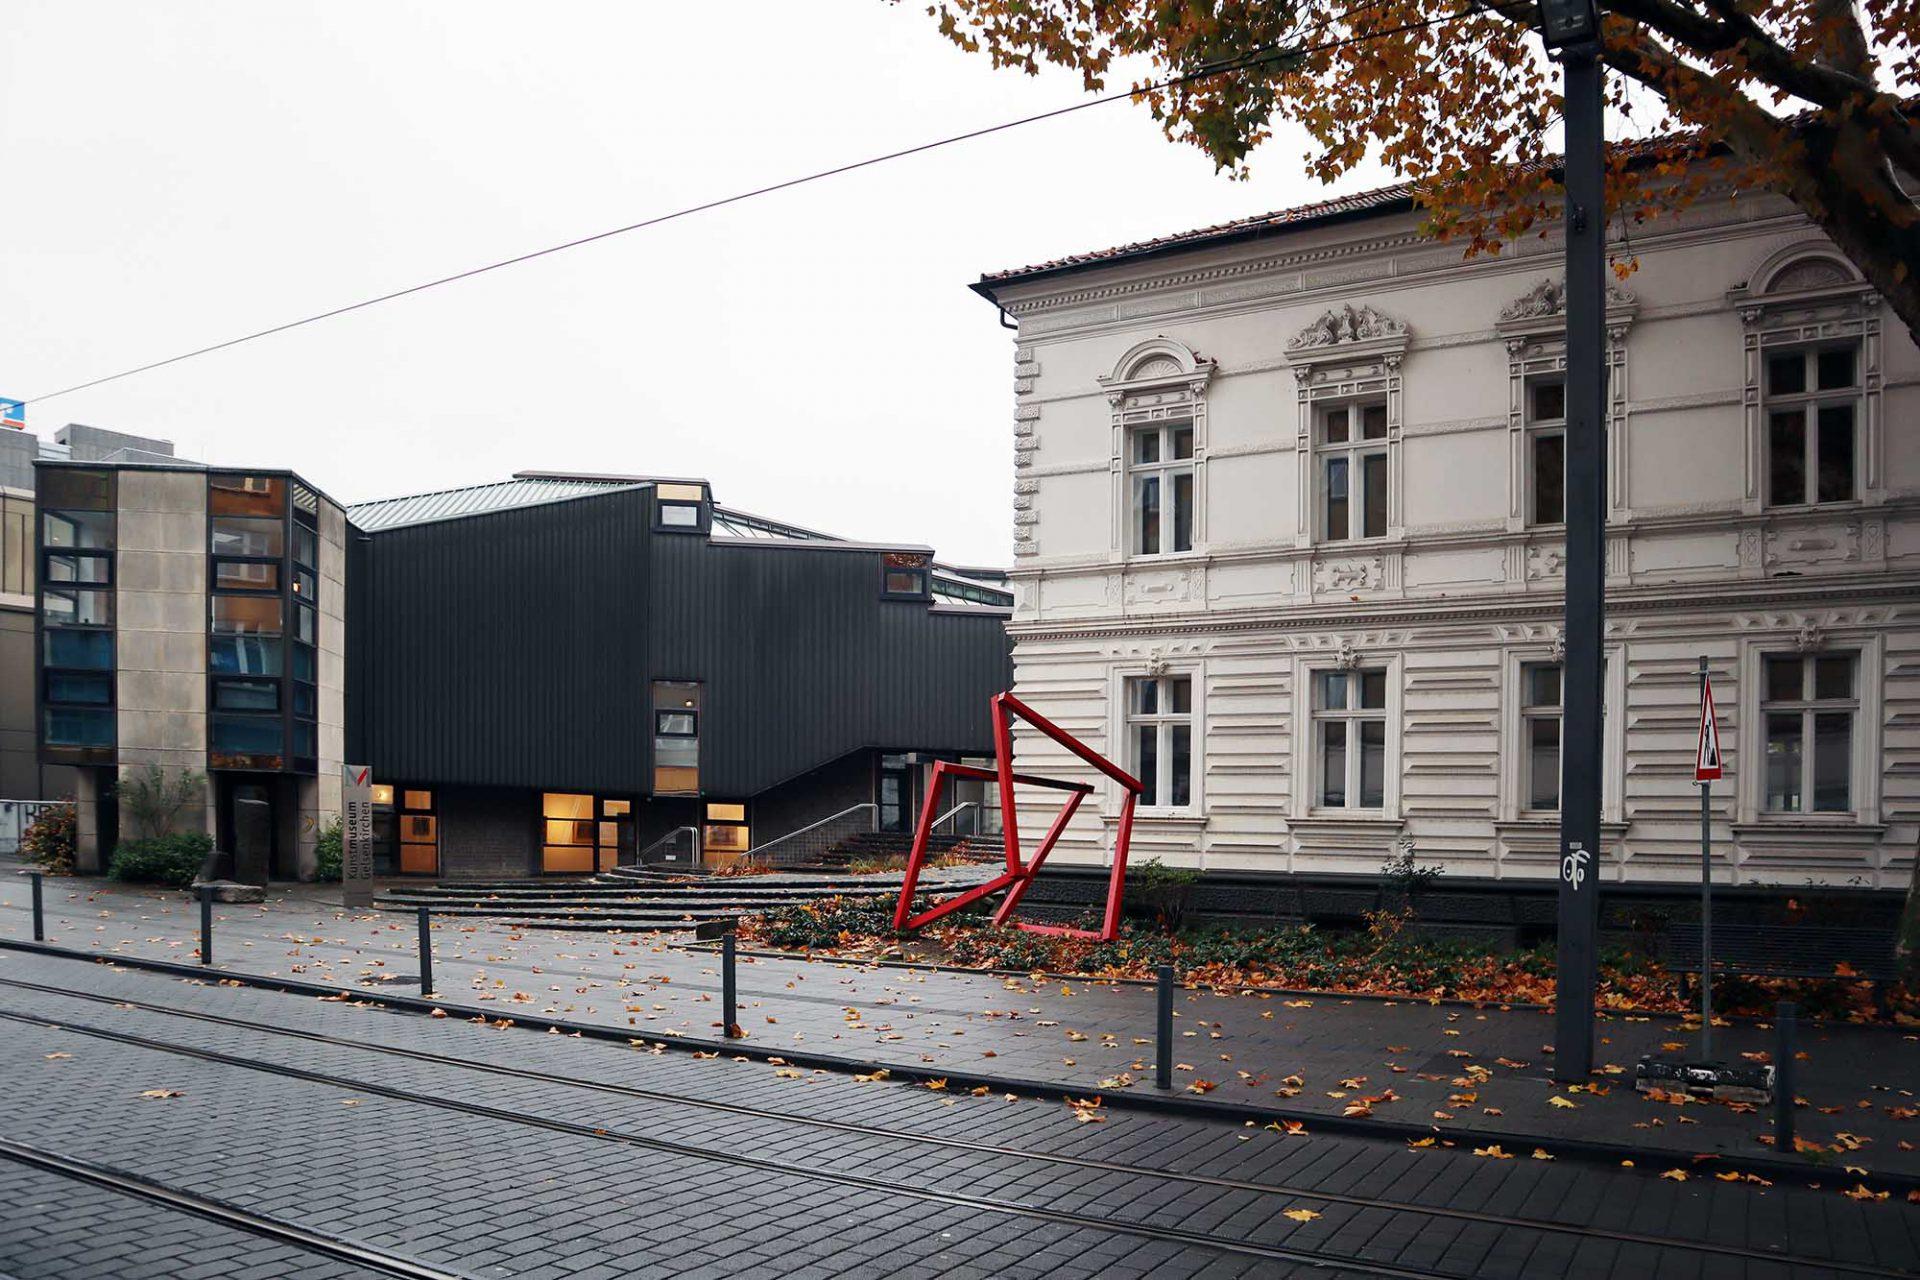 Kunstmuseum Gelsenkirchen. Der 1984 errichtete Anbau wurde nur teilweise realisiert und erweitert die gründerzeitliche Pöppinghaus-Villa.